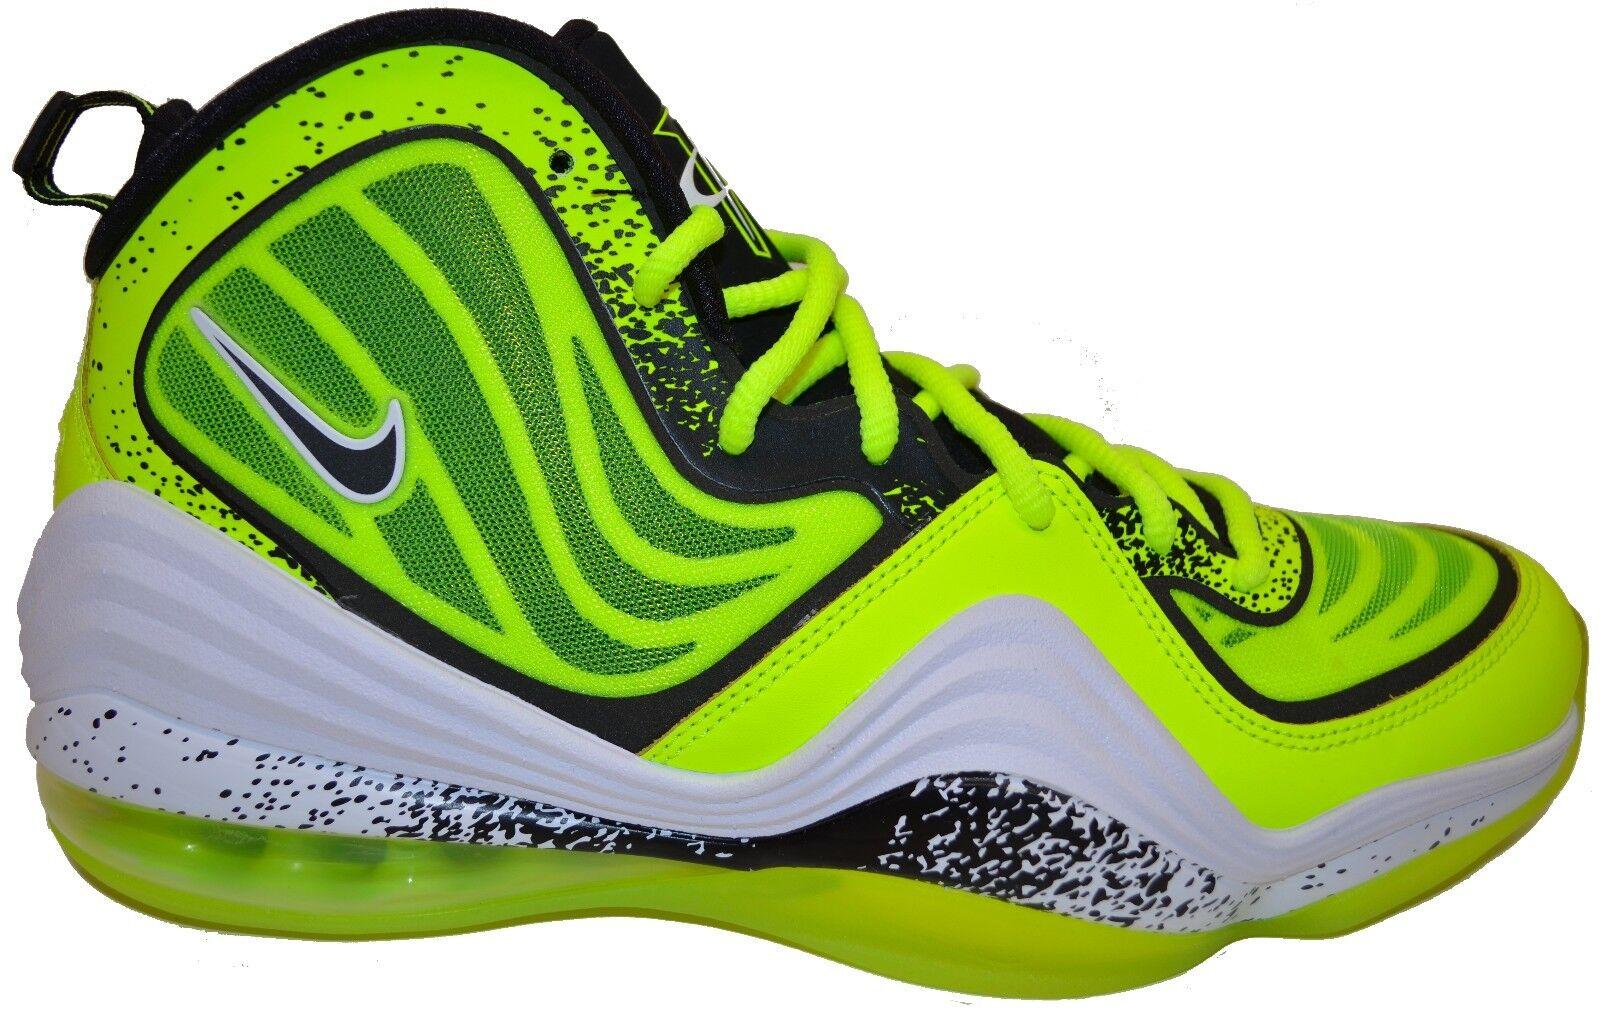 Nike Volt Air Penny V HL Volt Nike Amarillo hombre zapatos d99a99